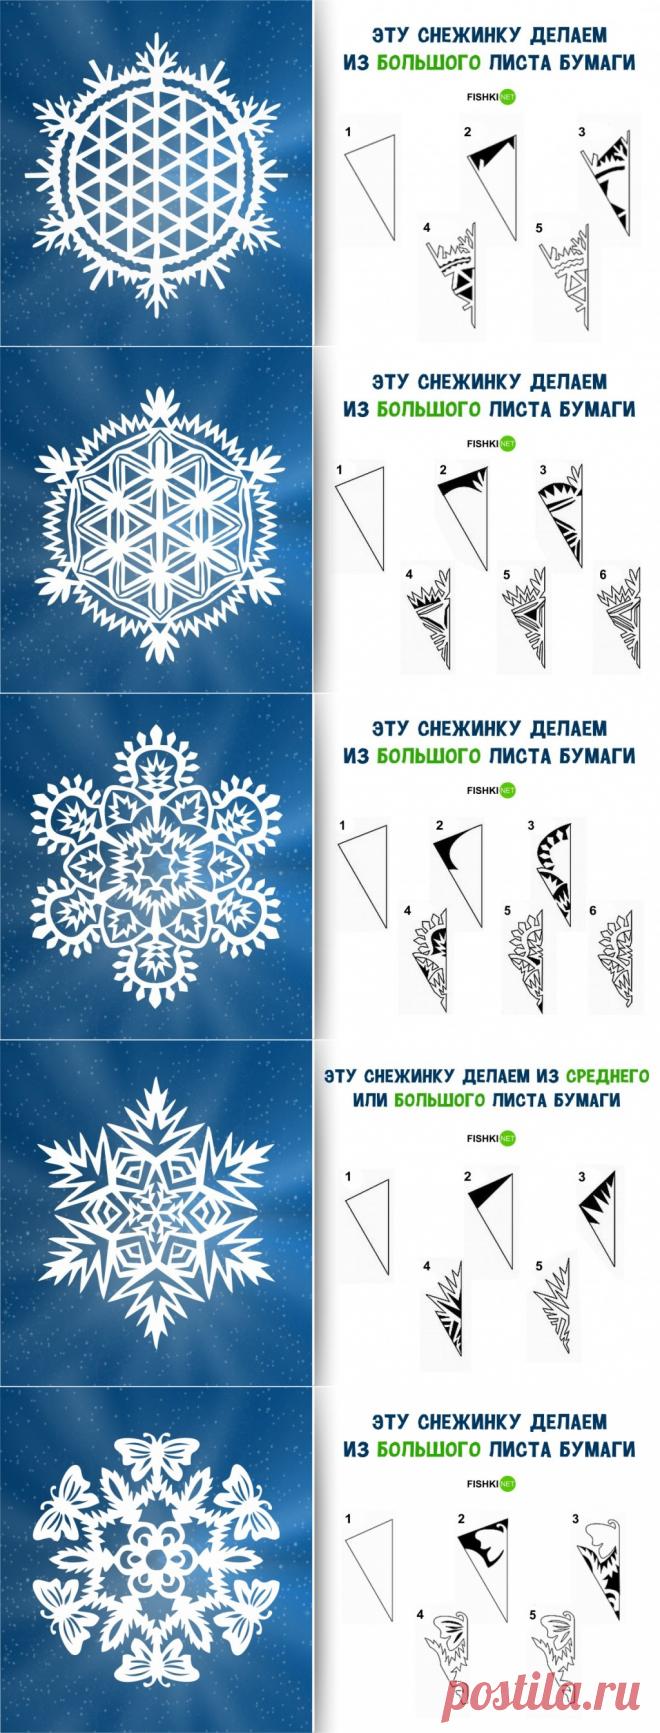 Как из простой бумаги сделать снежинки из